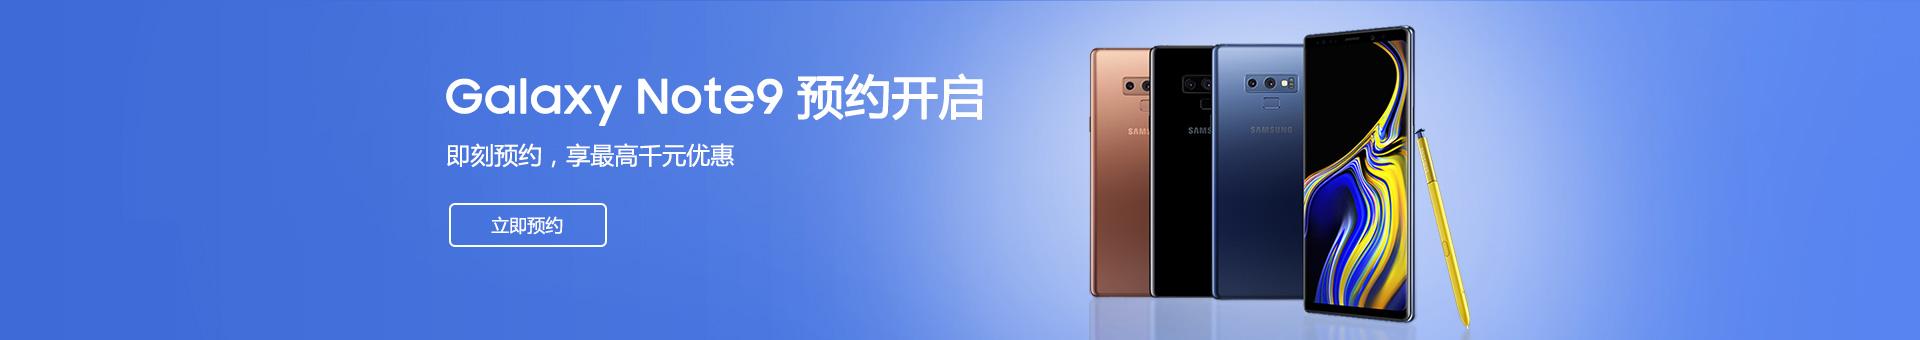 三星Galaxy Note 9预约